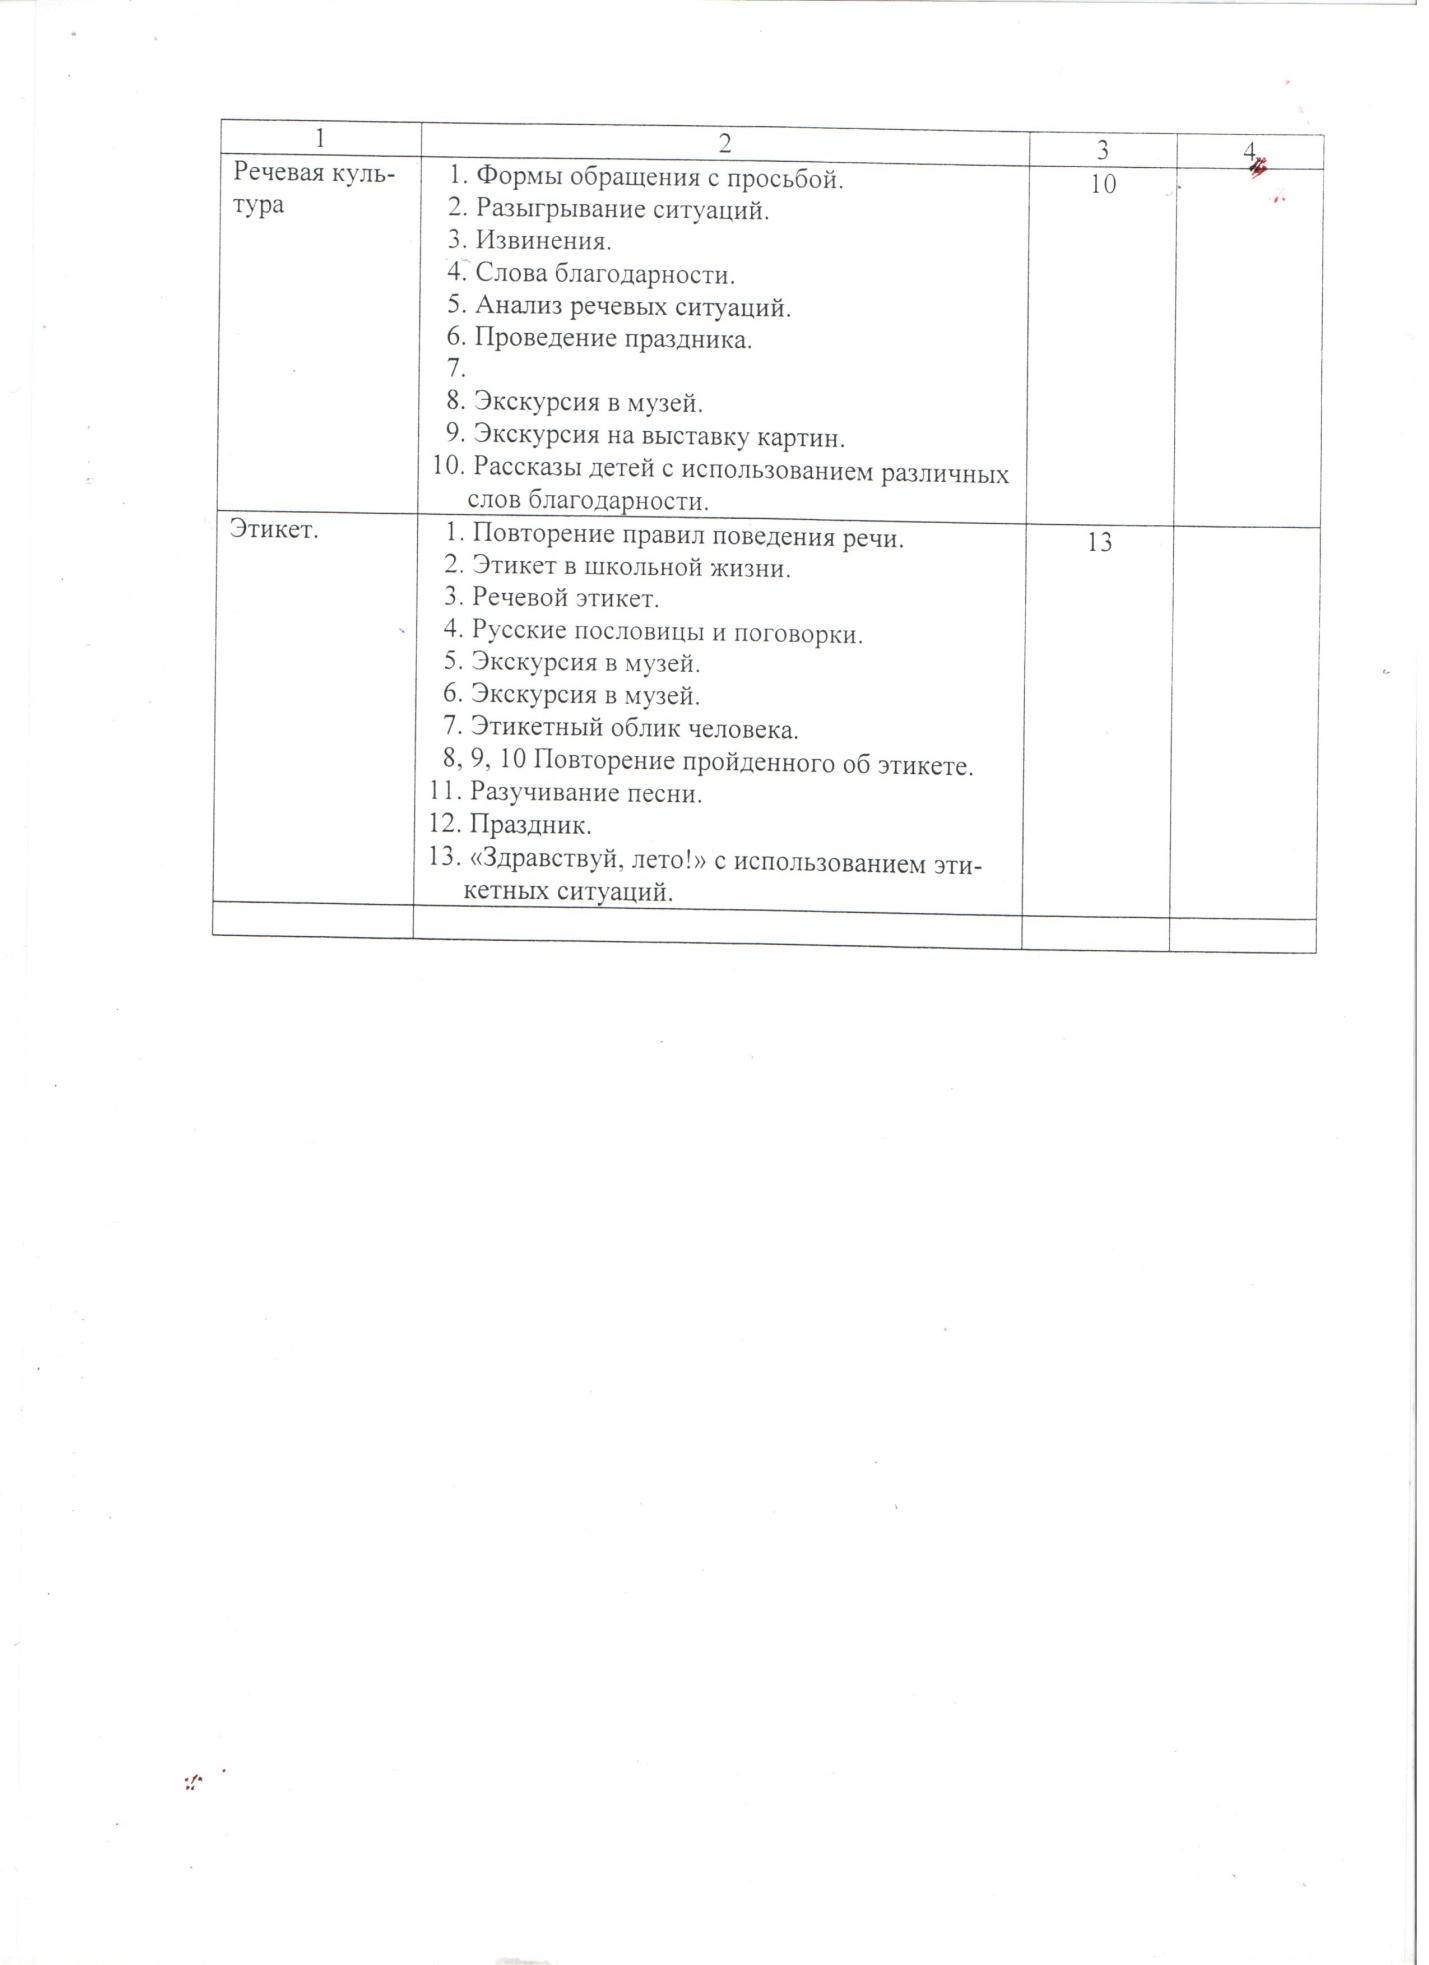 C:\Users\pk0001\Desktop\програма школа этикета\программа 5.jpeg